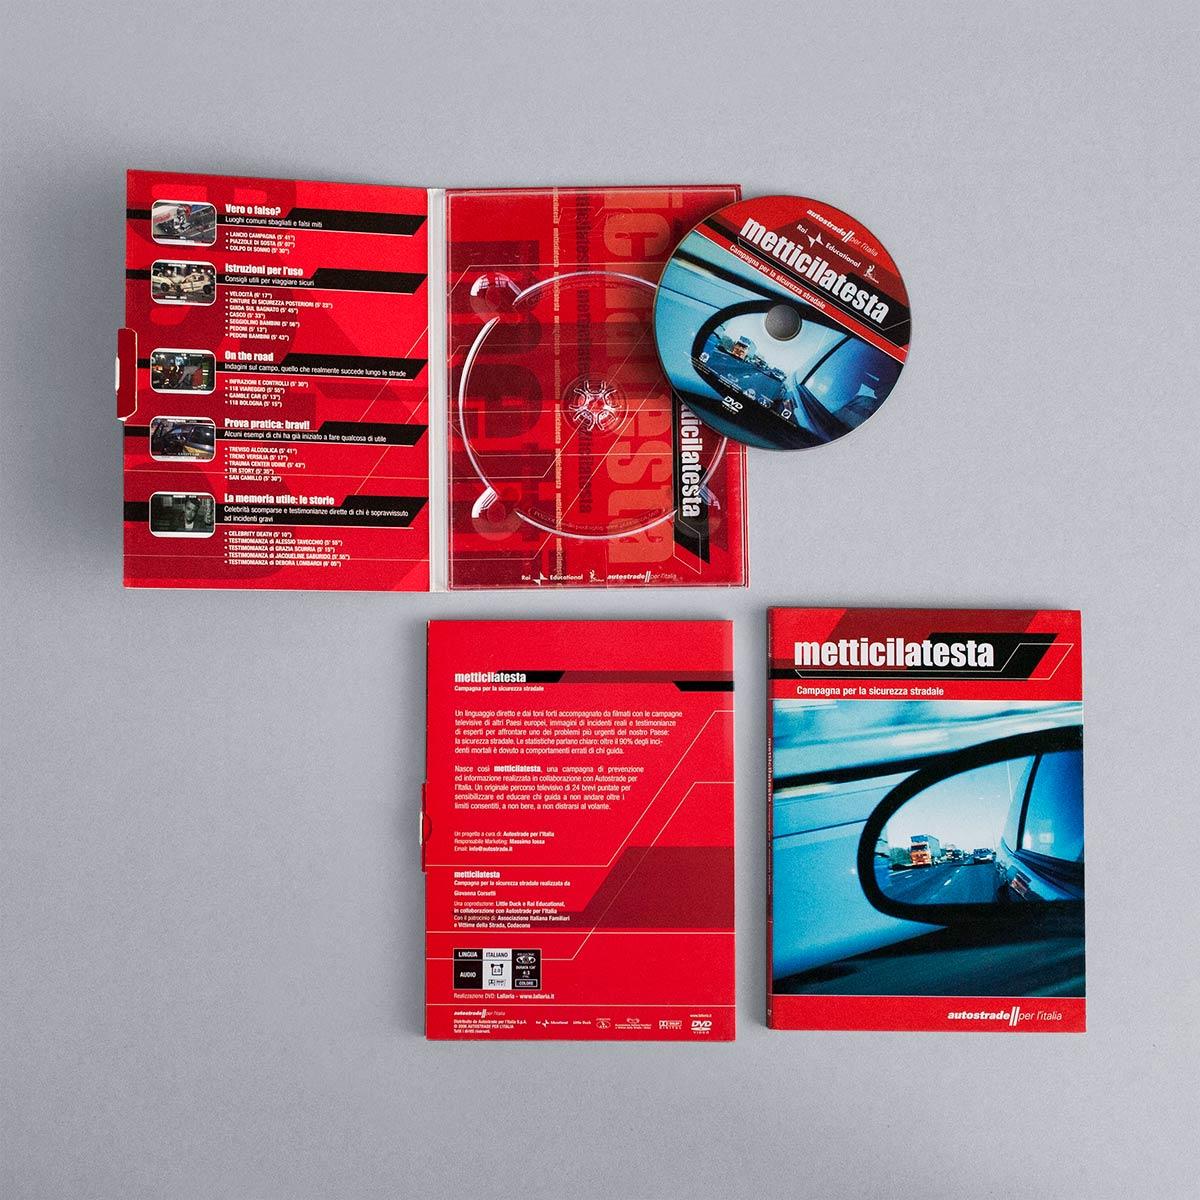 Digipack aperto e chiuso e label del DVD Metticilatesta